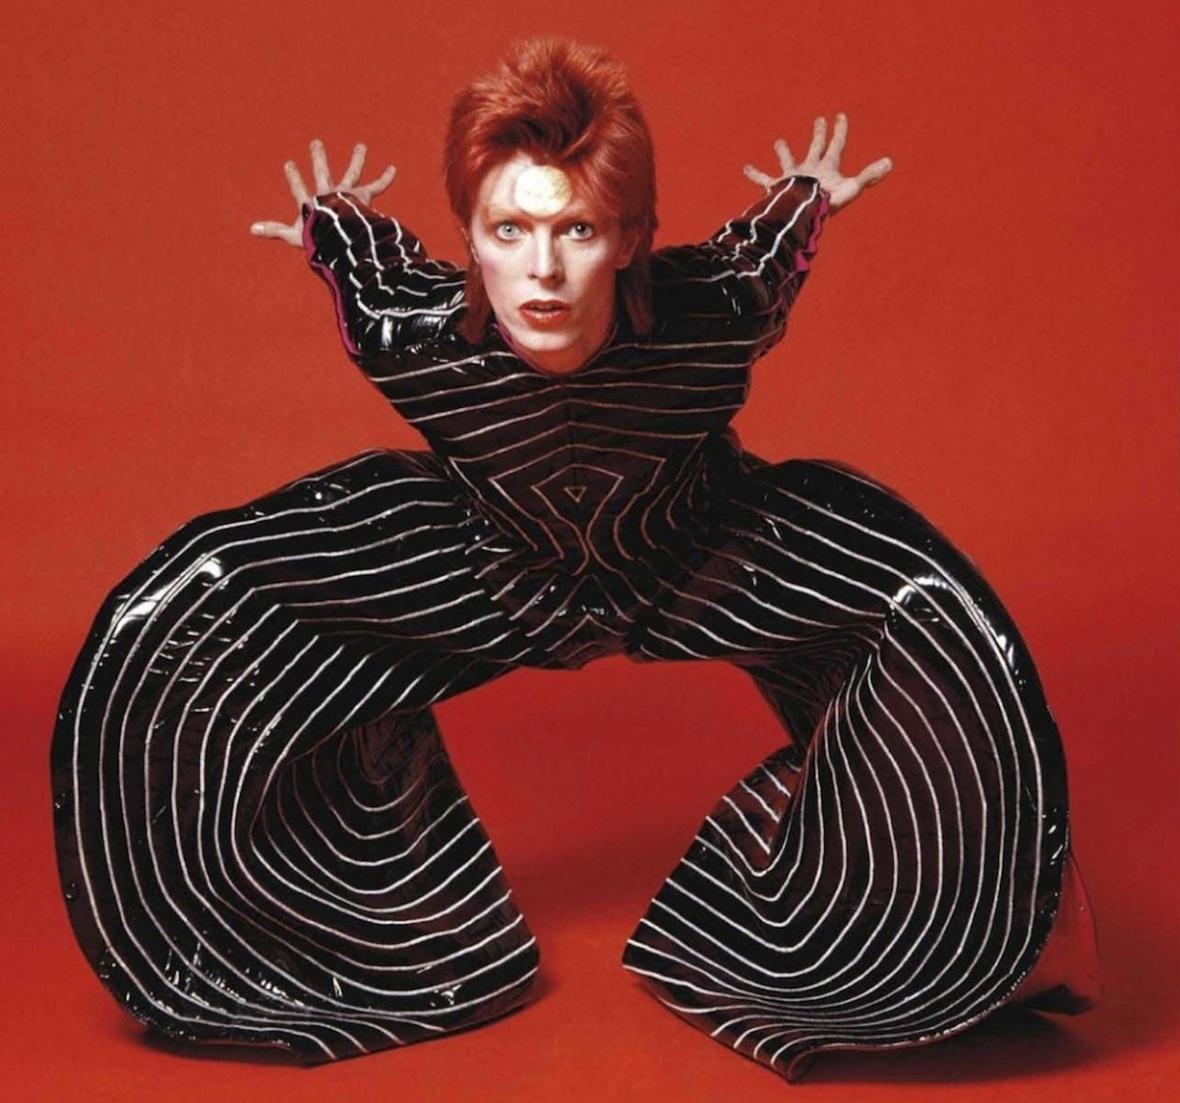 Strip-Me-post-David-Bowie-Ziggy